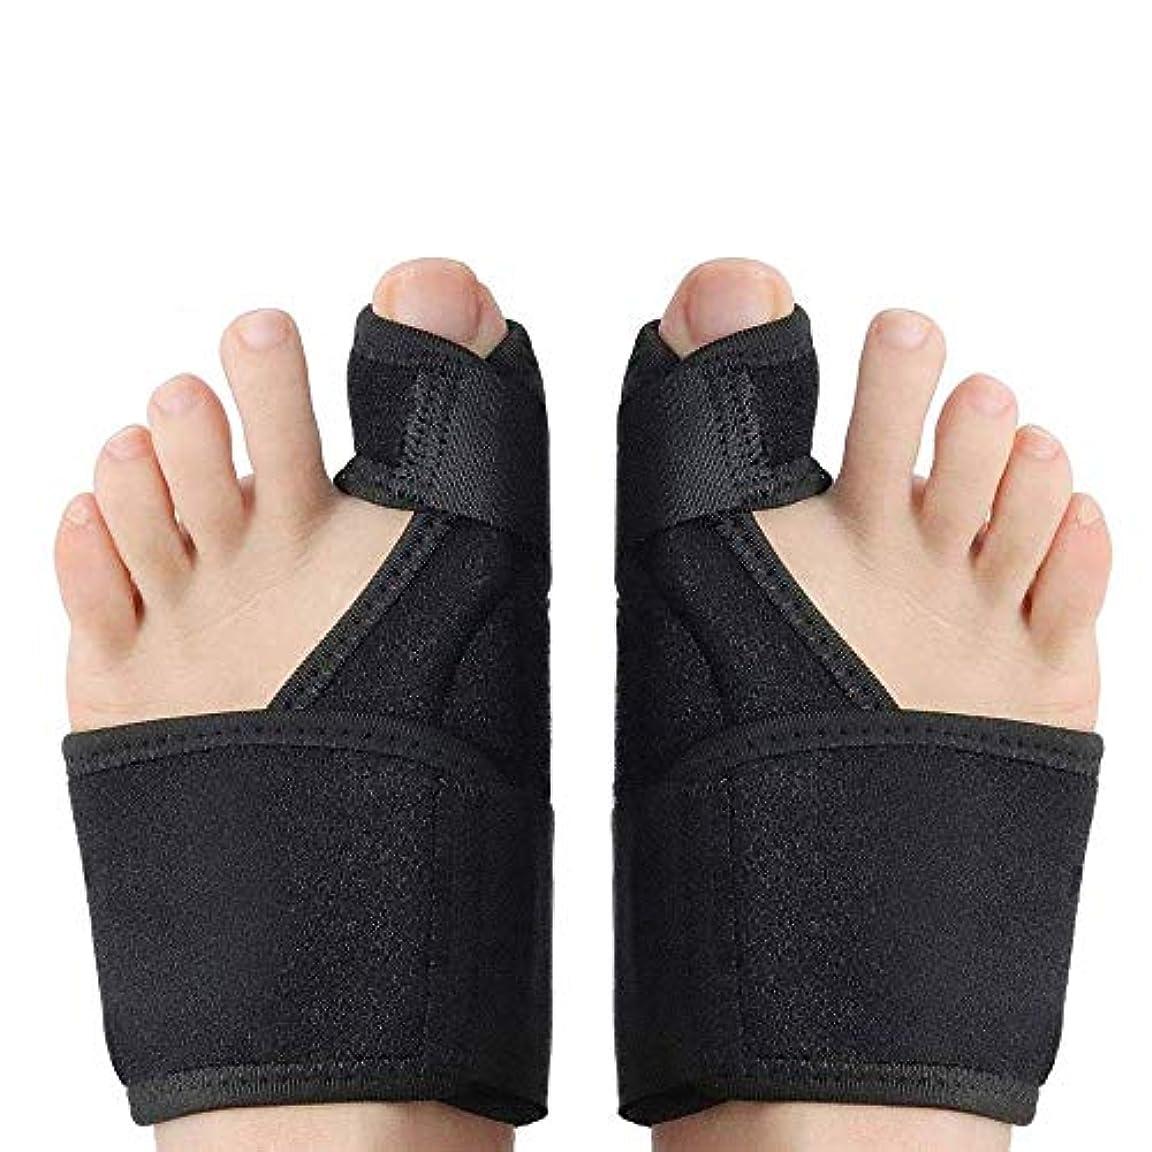 労働者文明化するナプキン腱膜矯正および腱膜弛緩整形外科のつま先ストレイテナー御馳走して外反母趾装具快適な外反ベルトアップグレードパッケージ